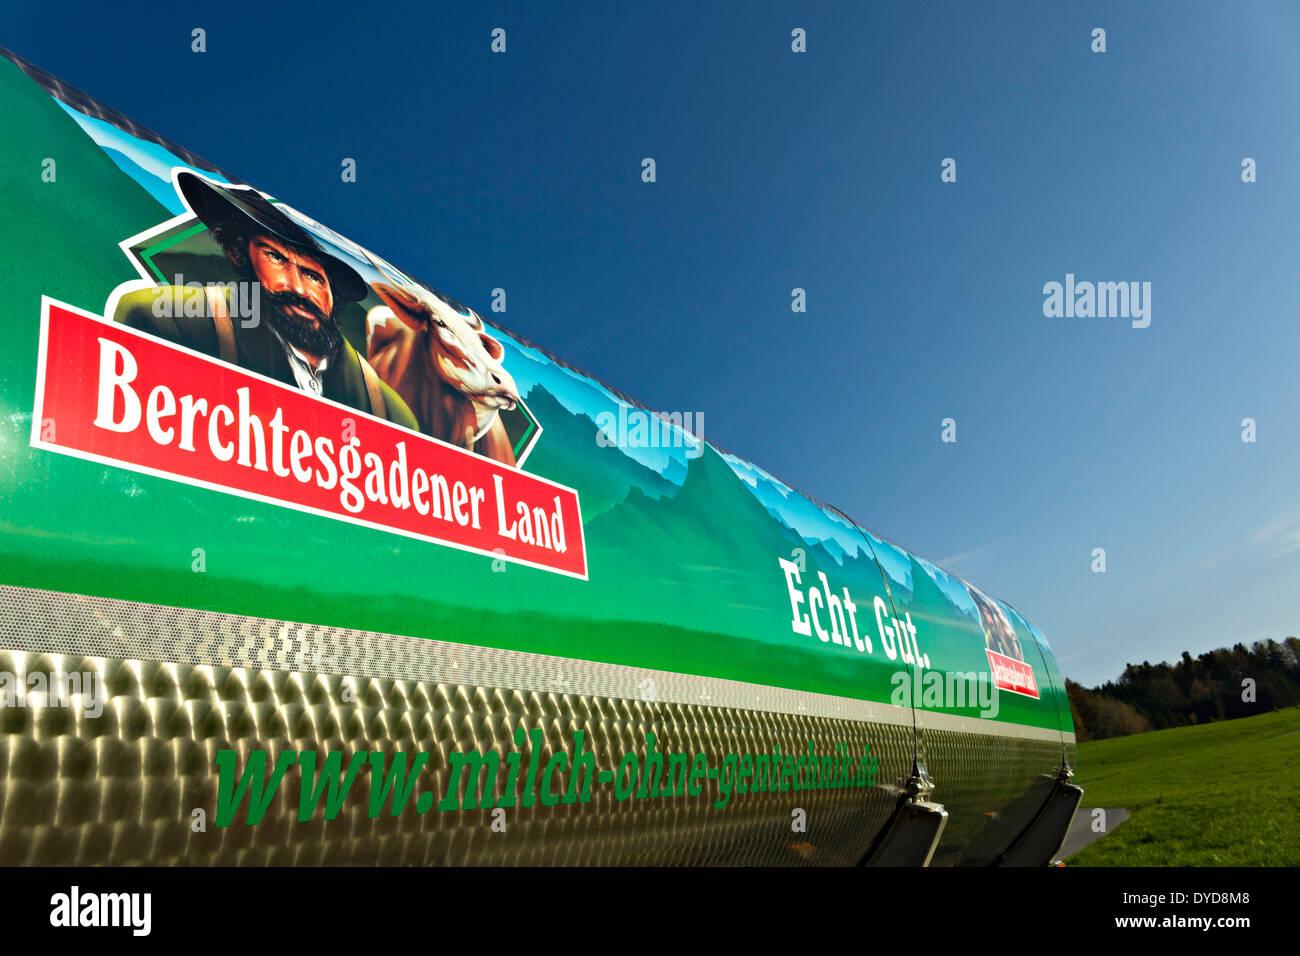 Berchtesgadener Land milk tanker, Upper Bavaria, Germany, Europe. - Stock Image